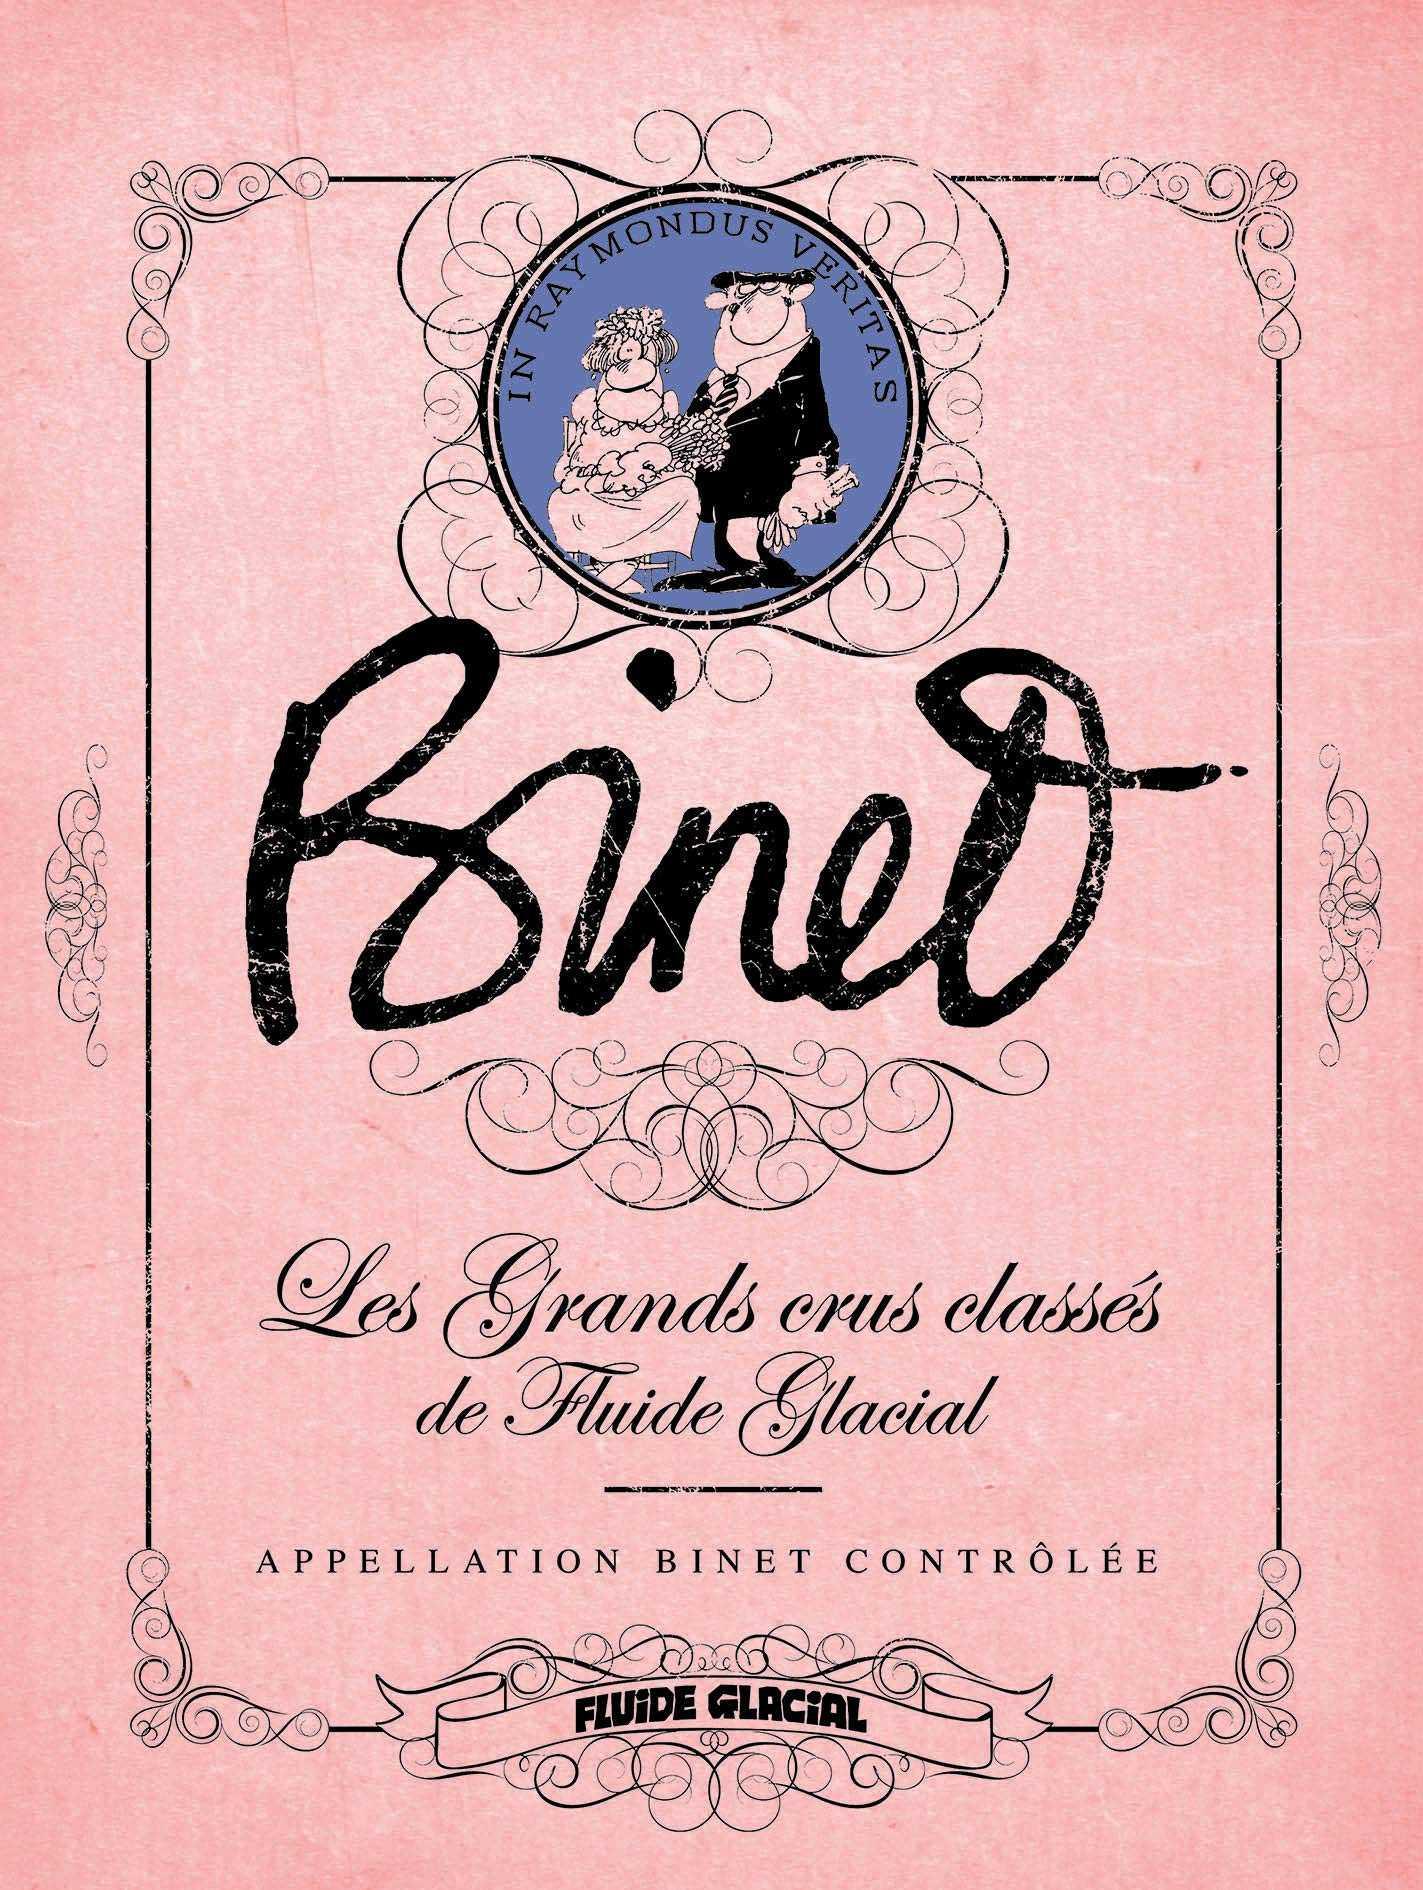 Binet, un grand cru classé signé Fluide et consorts